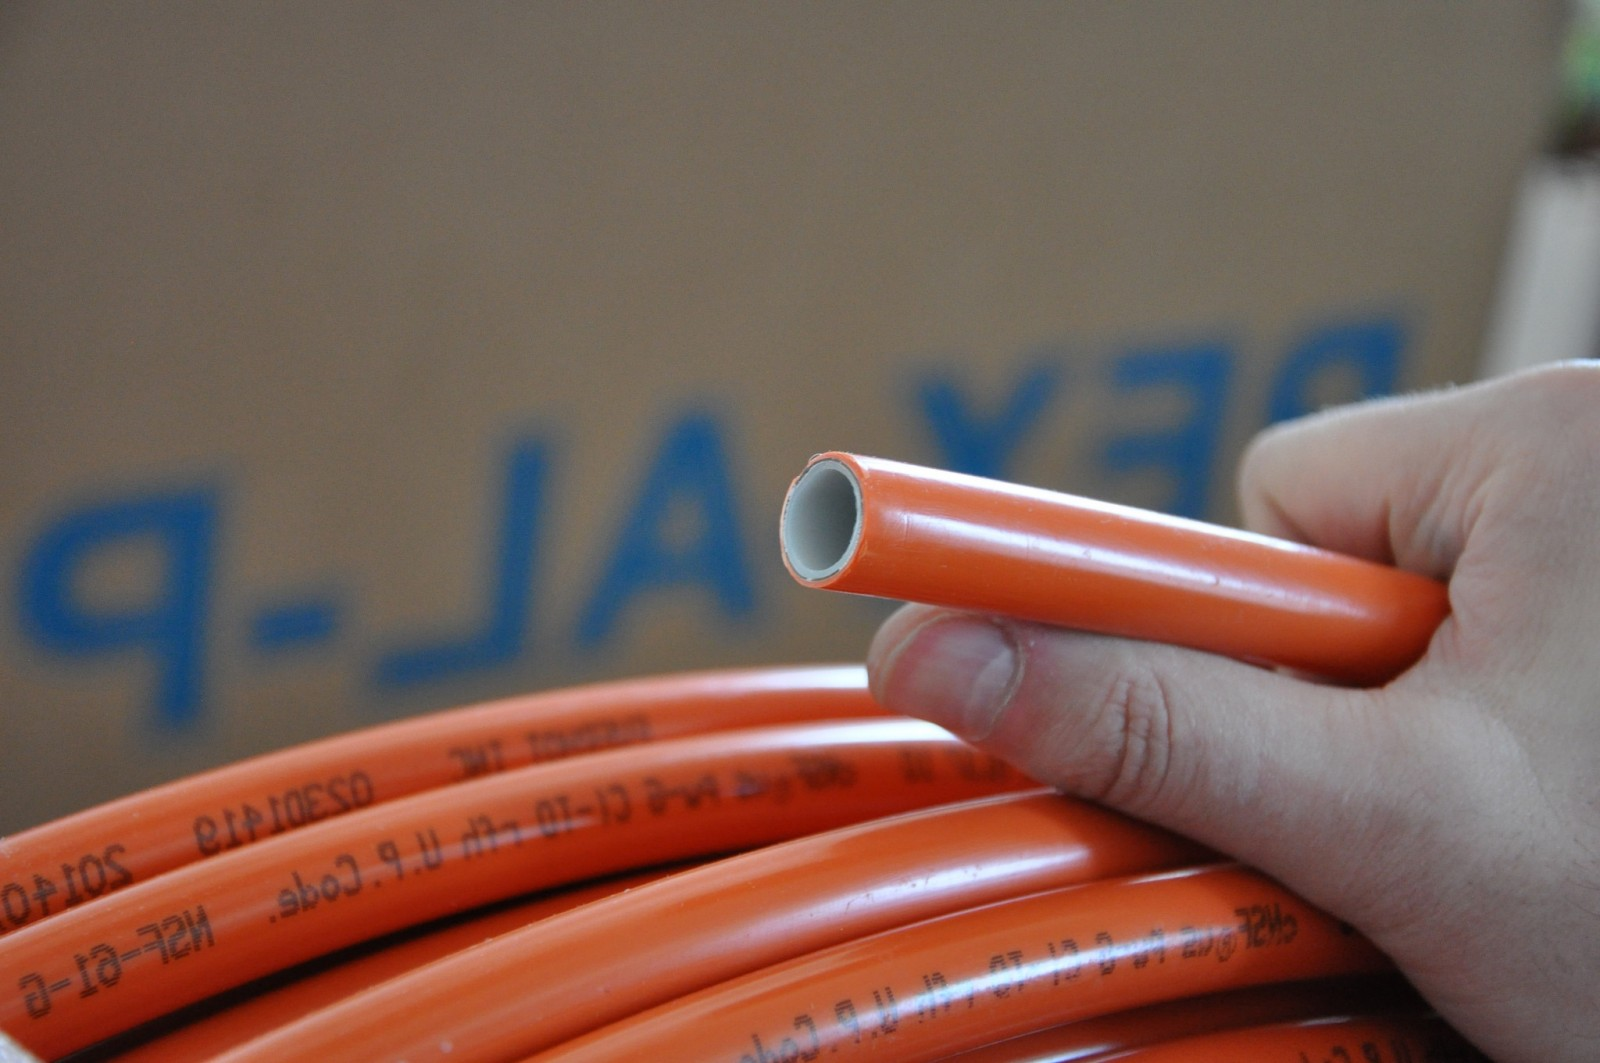 Сшитый полиэтилен или металлопластик для теплого пола: что 32